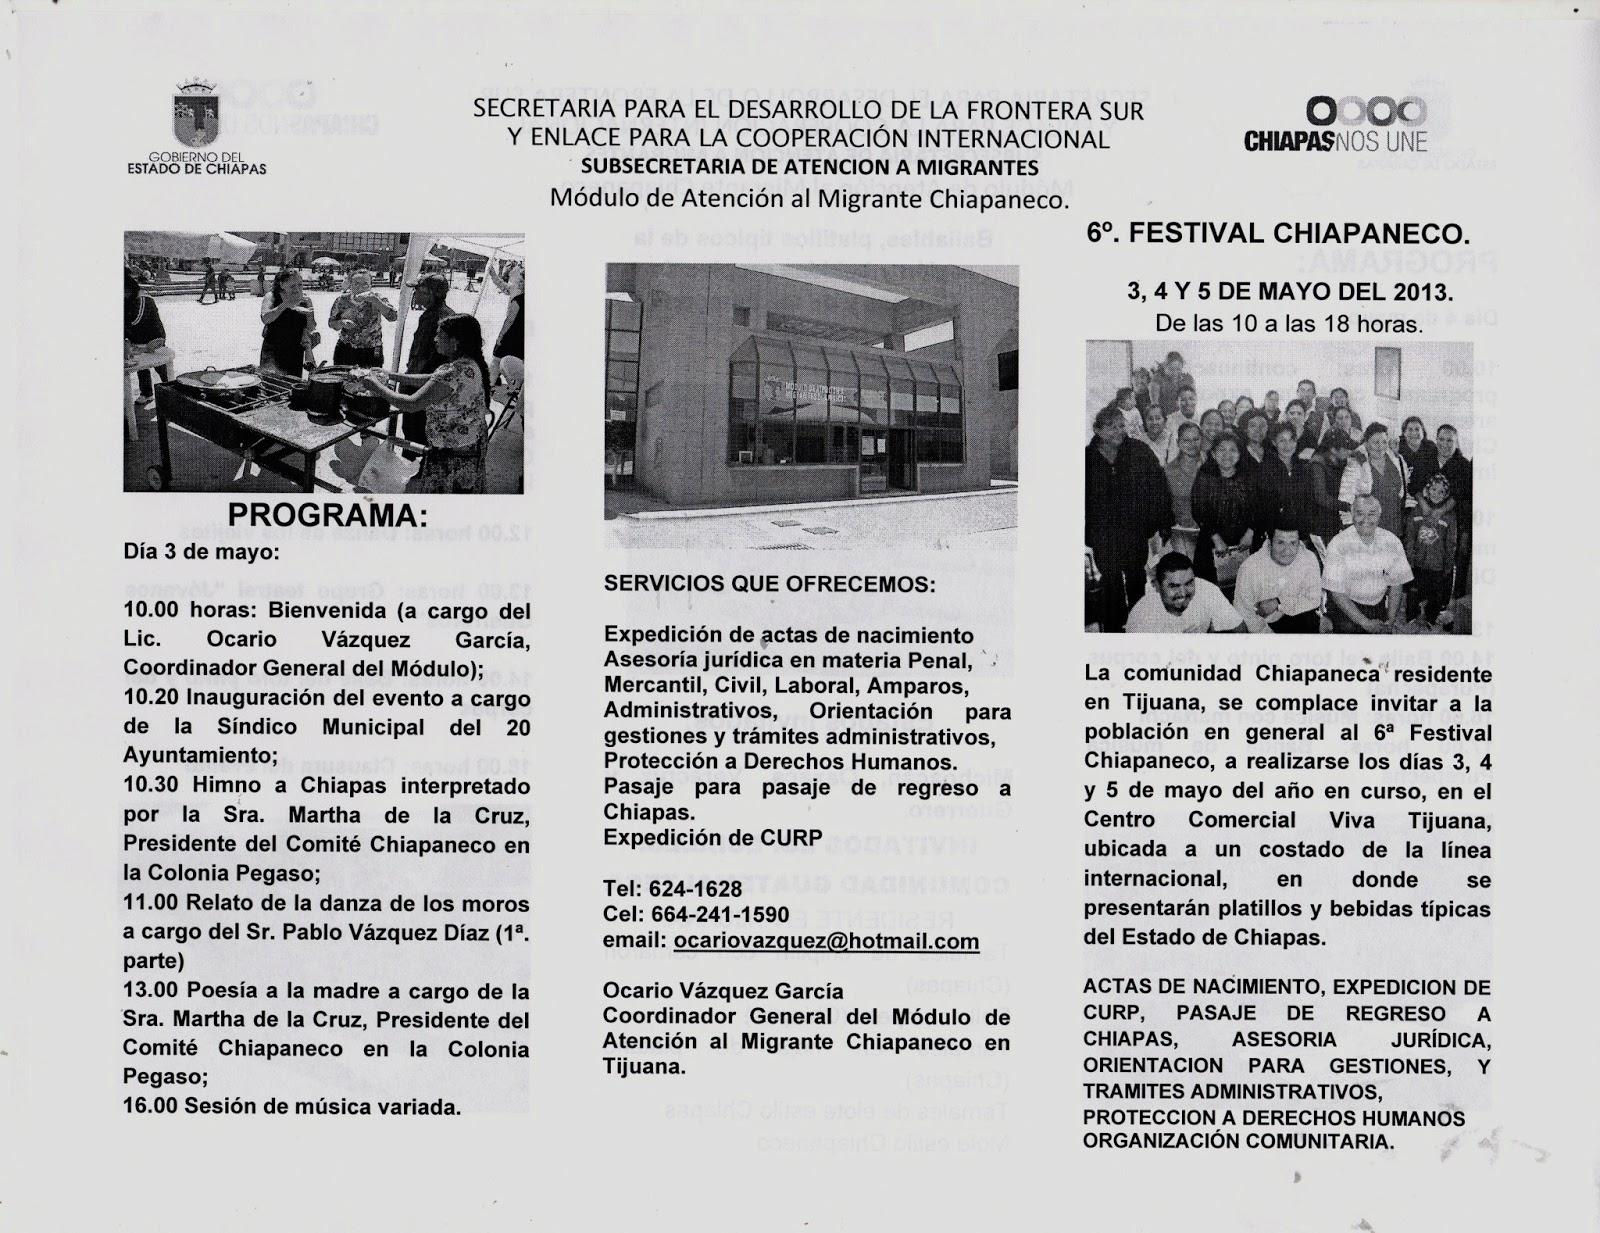 Festival CHIAPANECO en la frontera; Tijuana, California, México ...